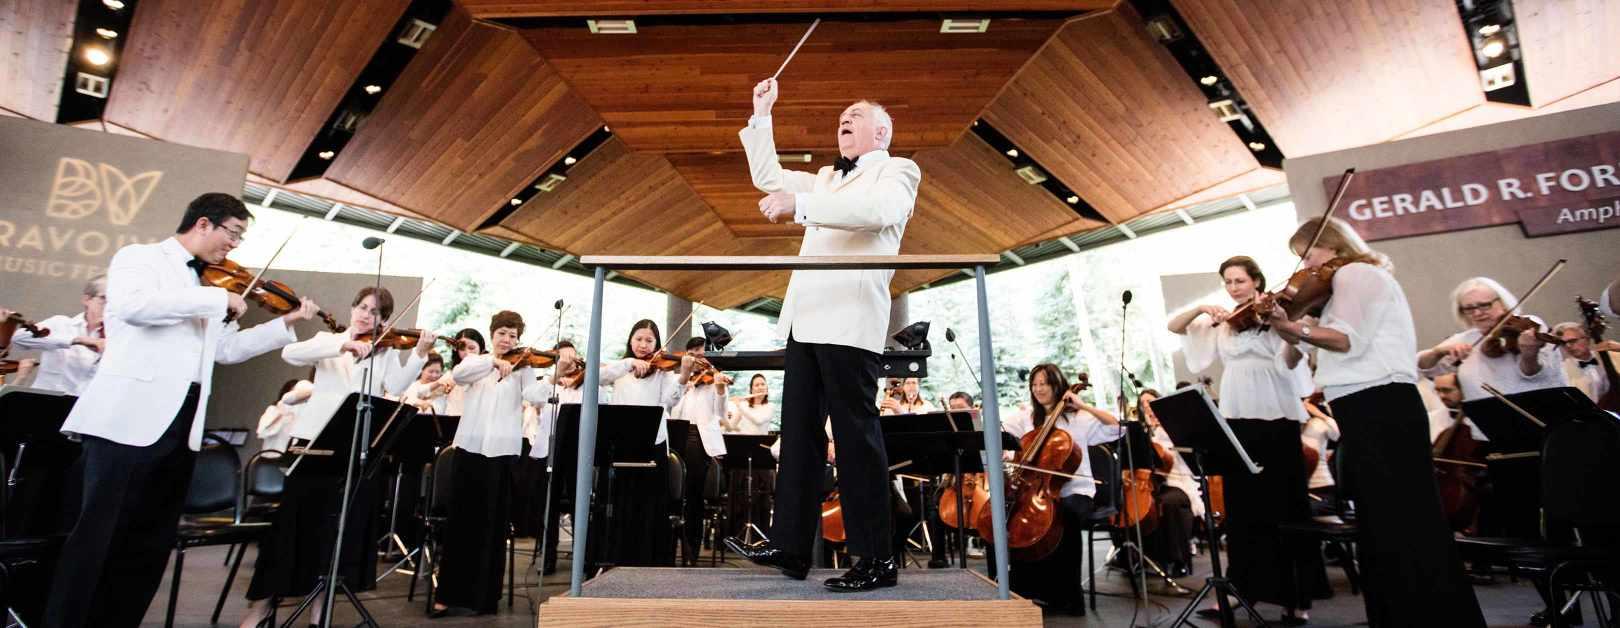 Bravo! Vail: Gershwin and Bernstein